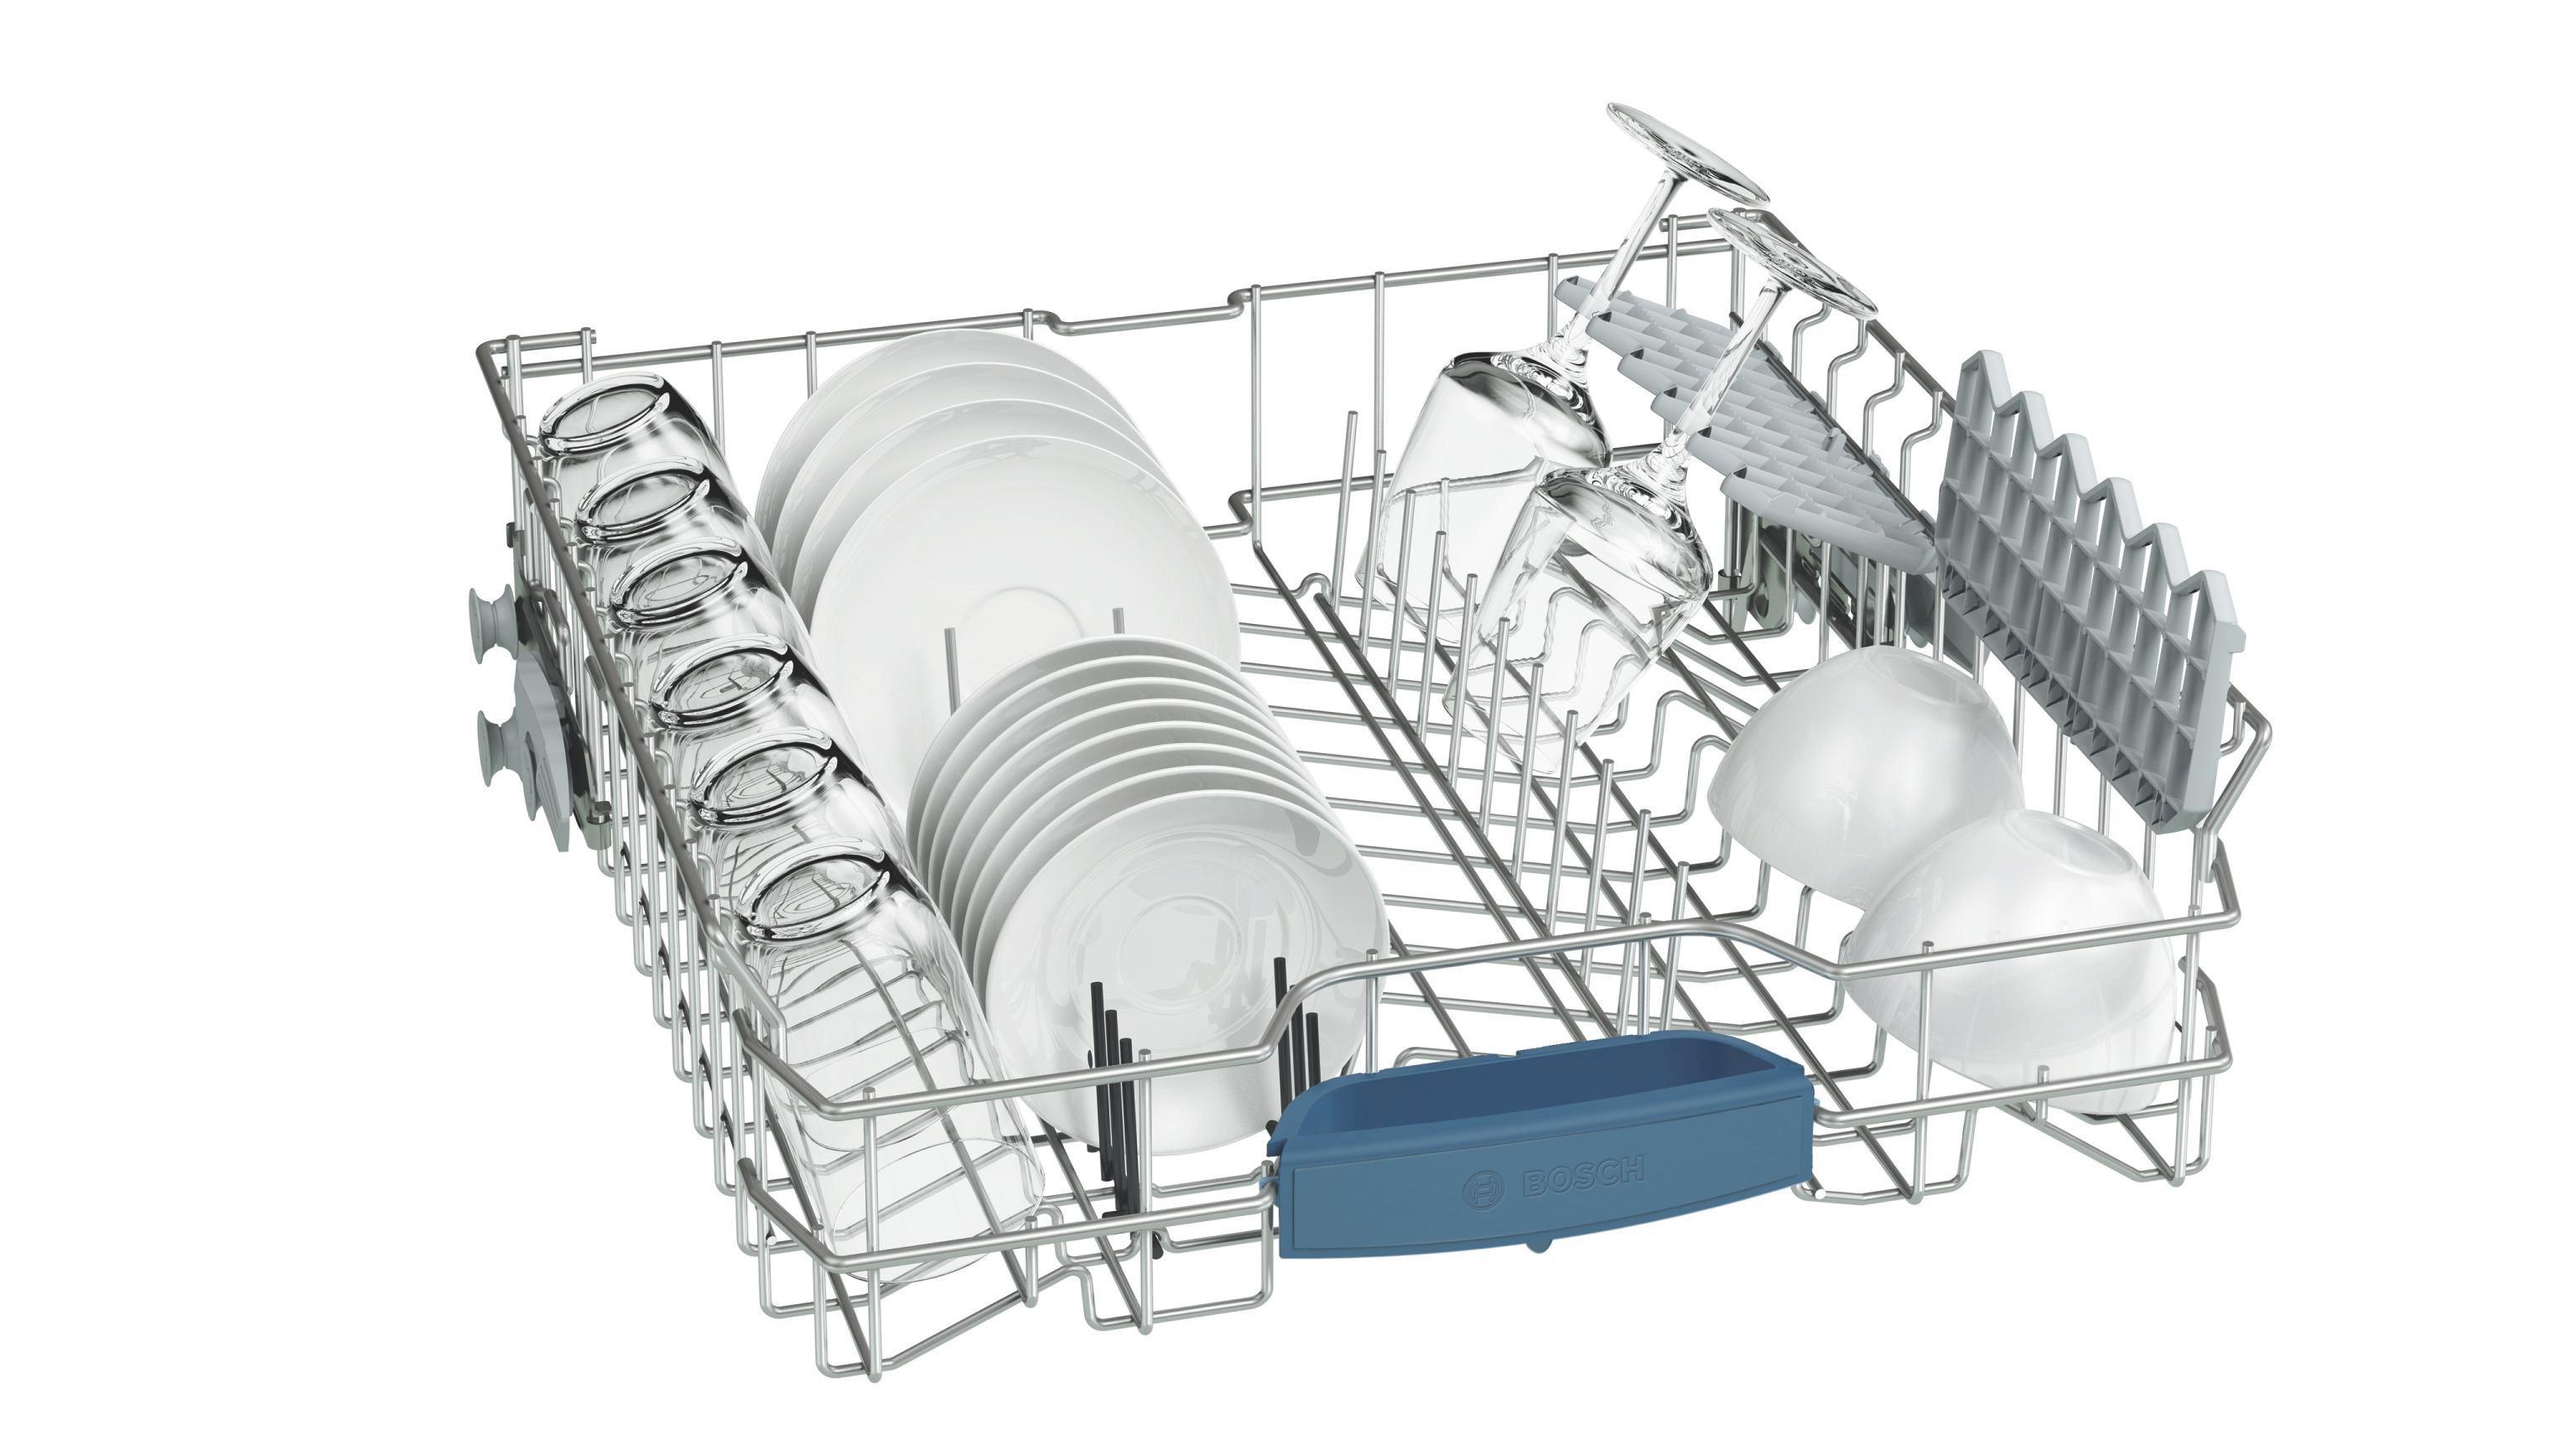 Geschirrspüler Bosch Smi53l35eu, EEZ A++ - MODERN, Metall (59,8/81,5/57,3cm) - BOSCH